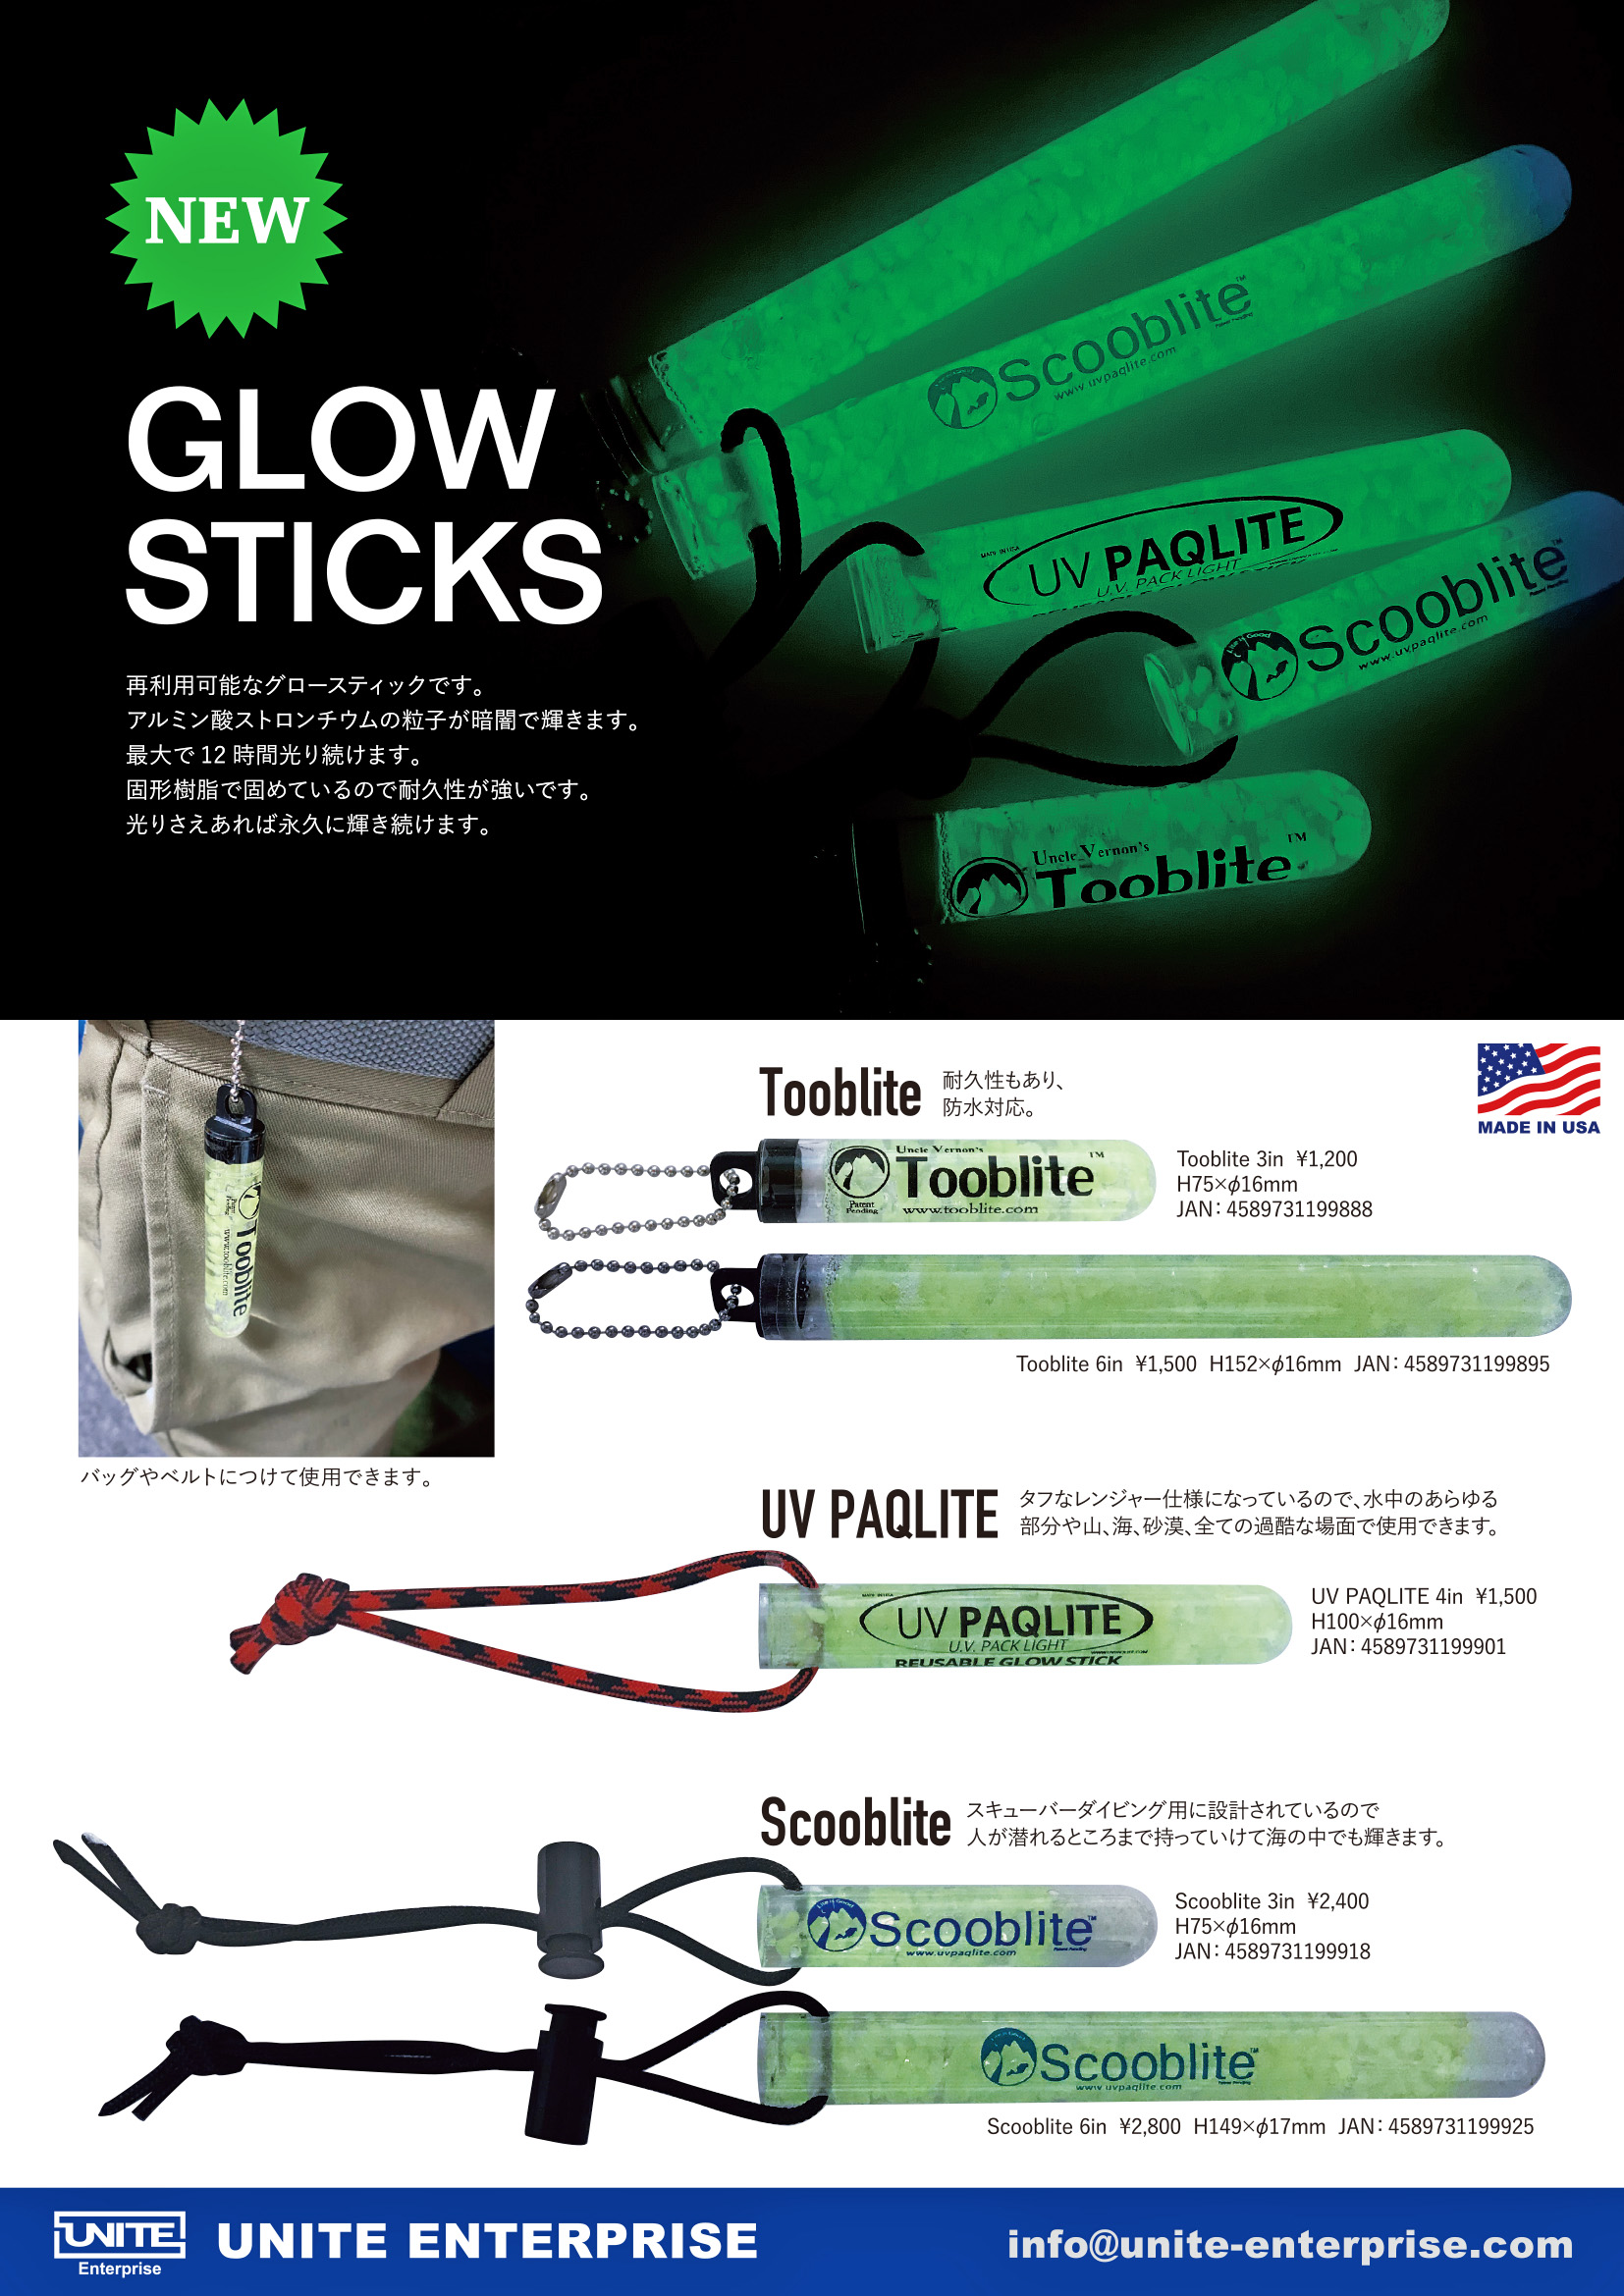 20201110_Glow Sticks